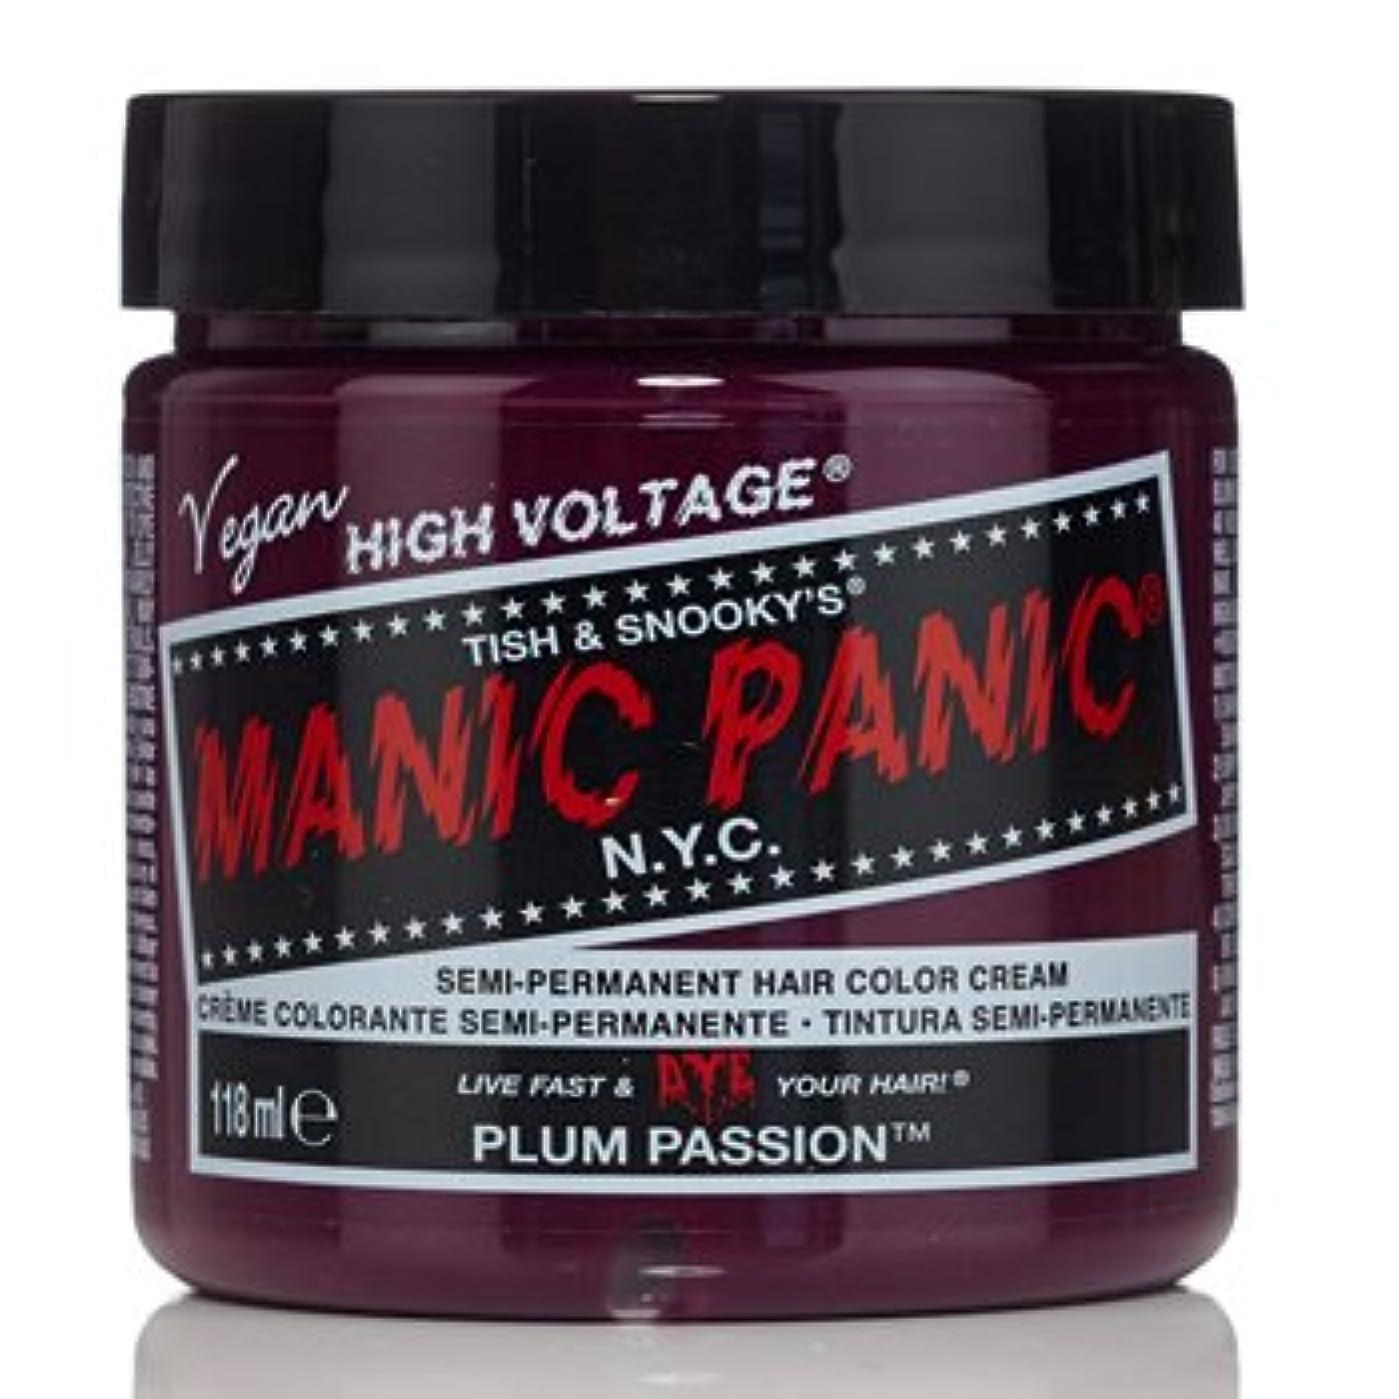 スタジアムペンダント家事【3個セット】MANIC PANIC マニックパニック プラムパッション MC11021 118ml